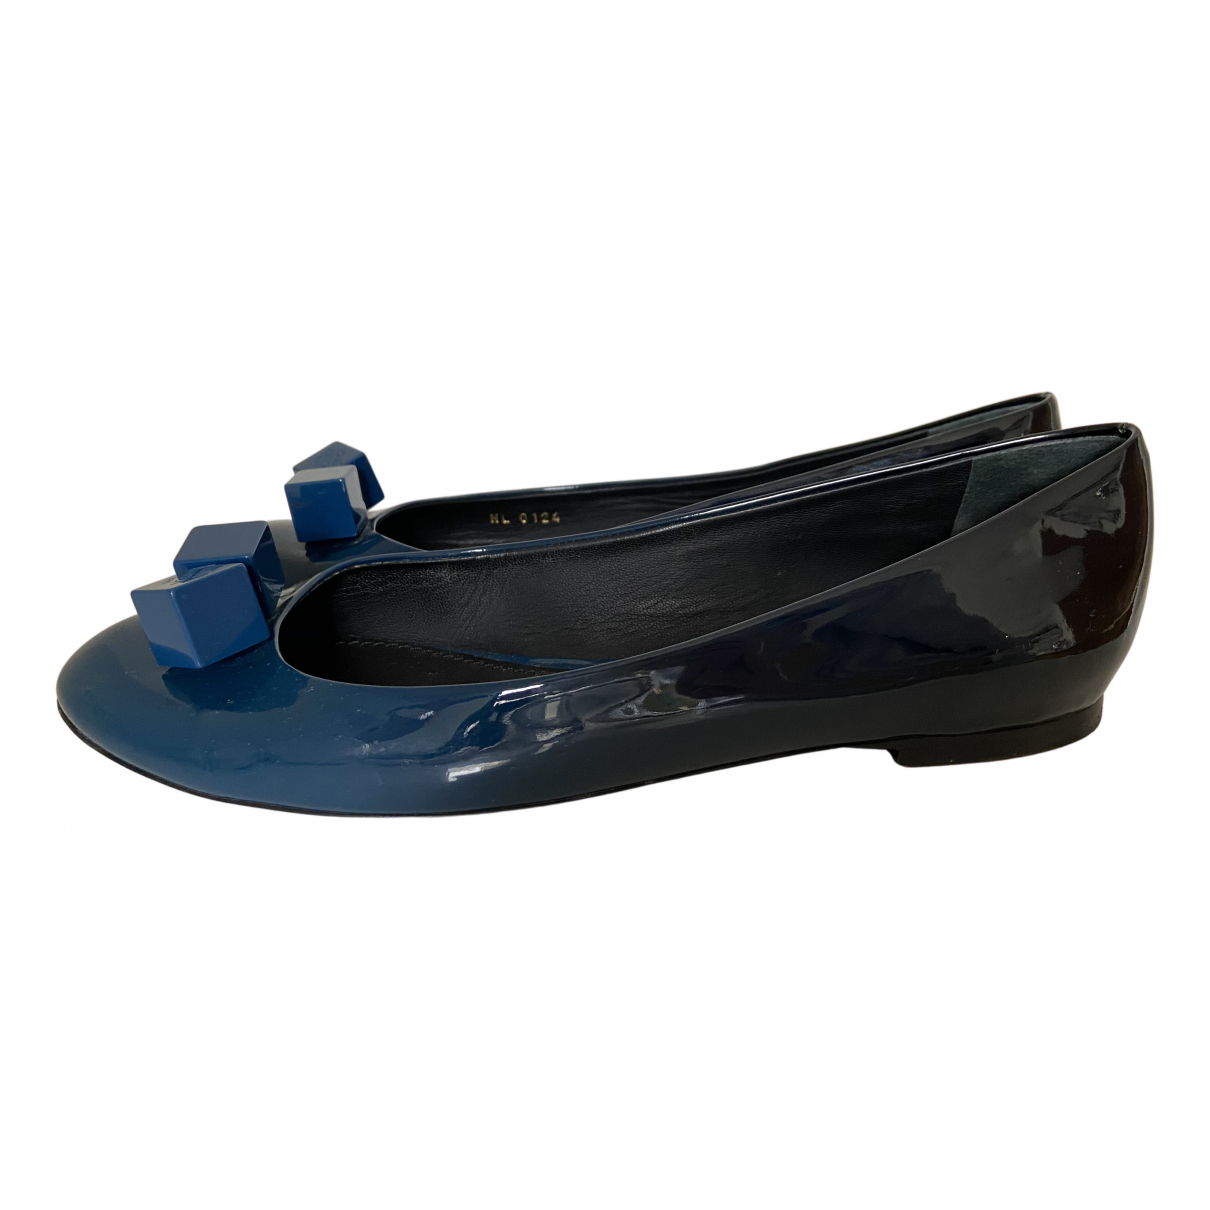 Louis Vuitton N Blue Patent leather Ballet flats for Women 39 EU